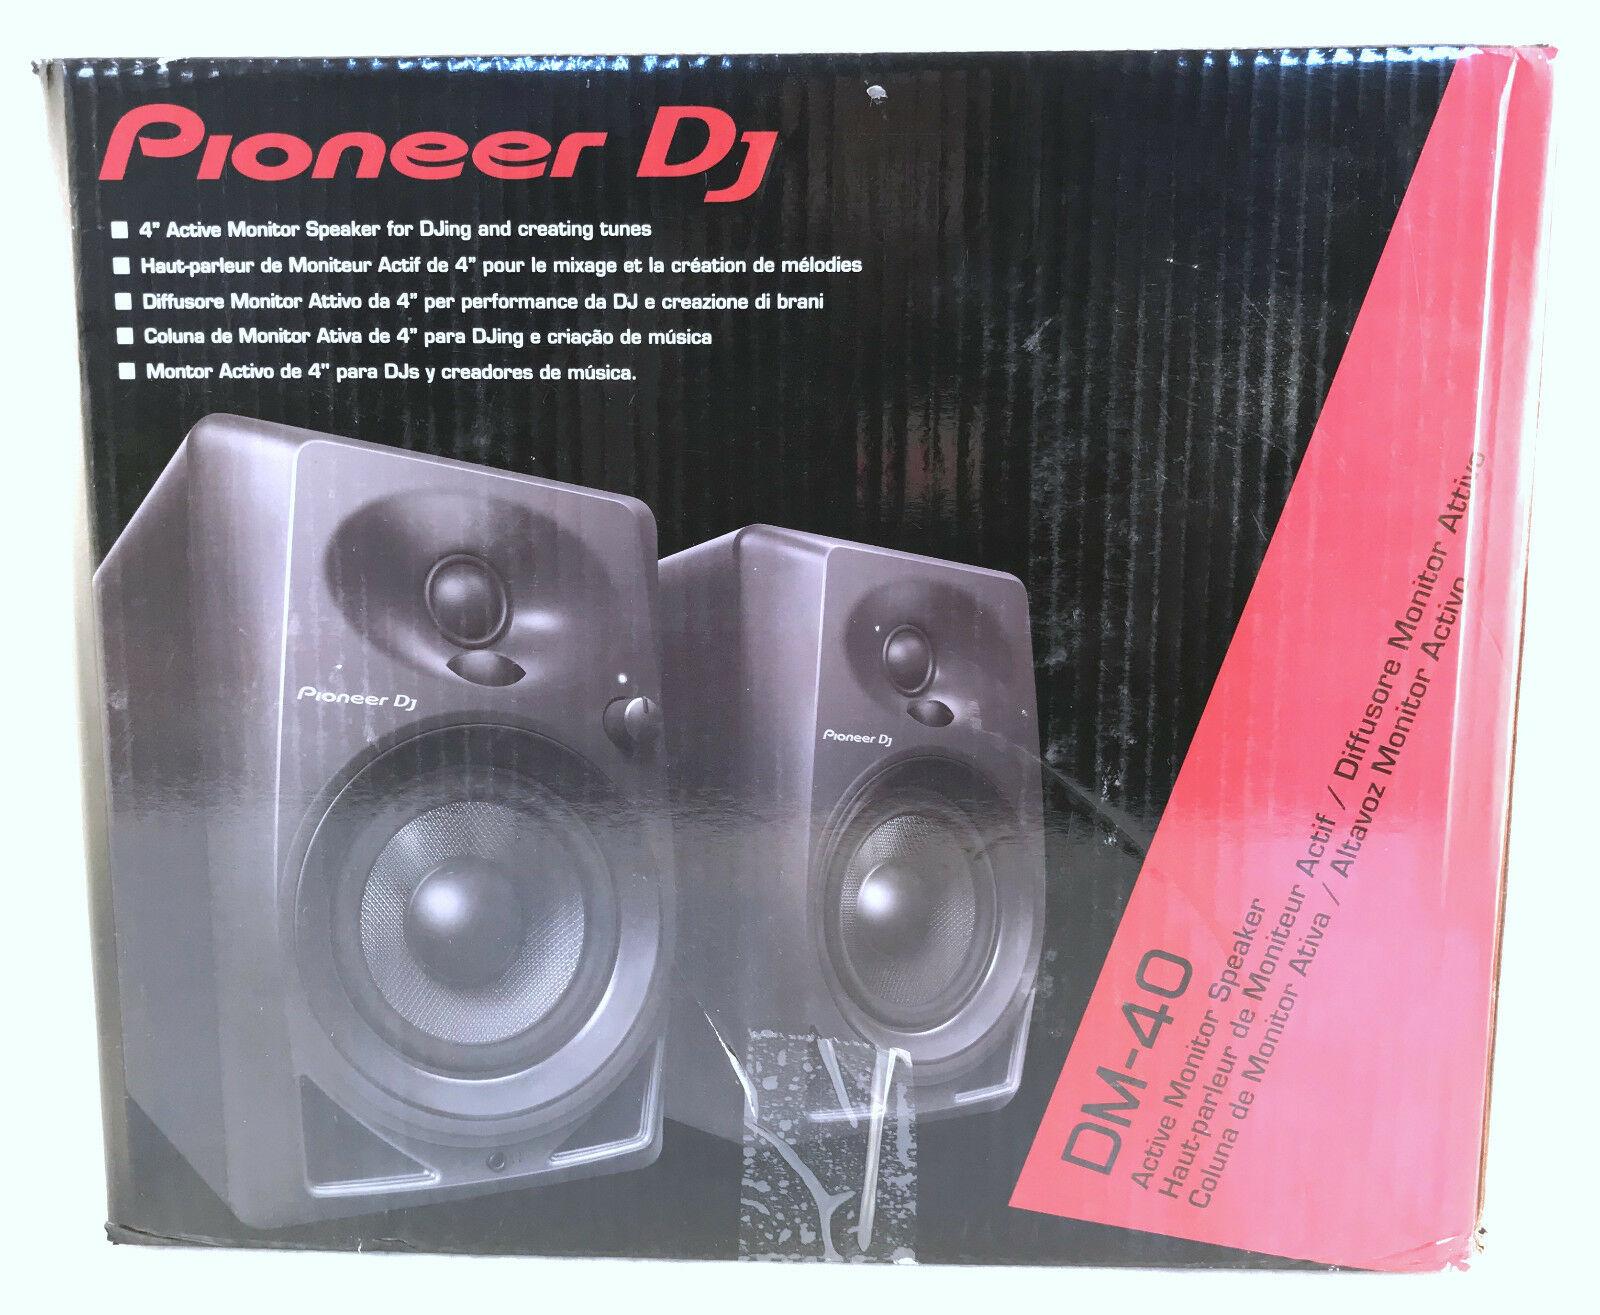 Pioneer 1610936 Hd Wallpaper Backgrounds Download